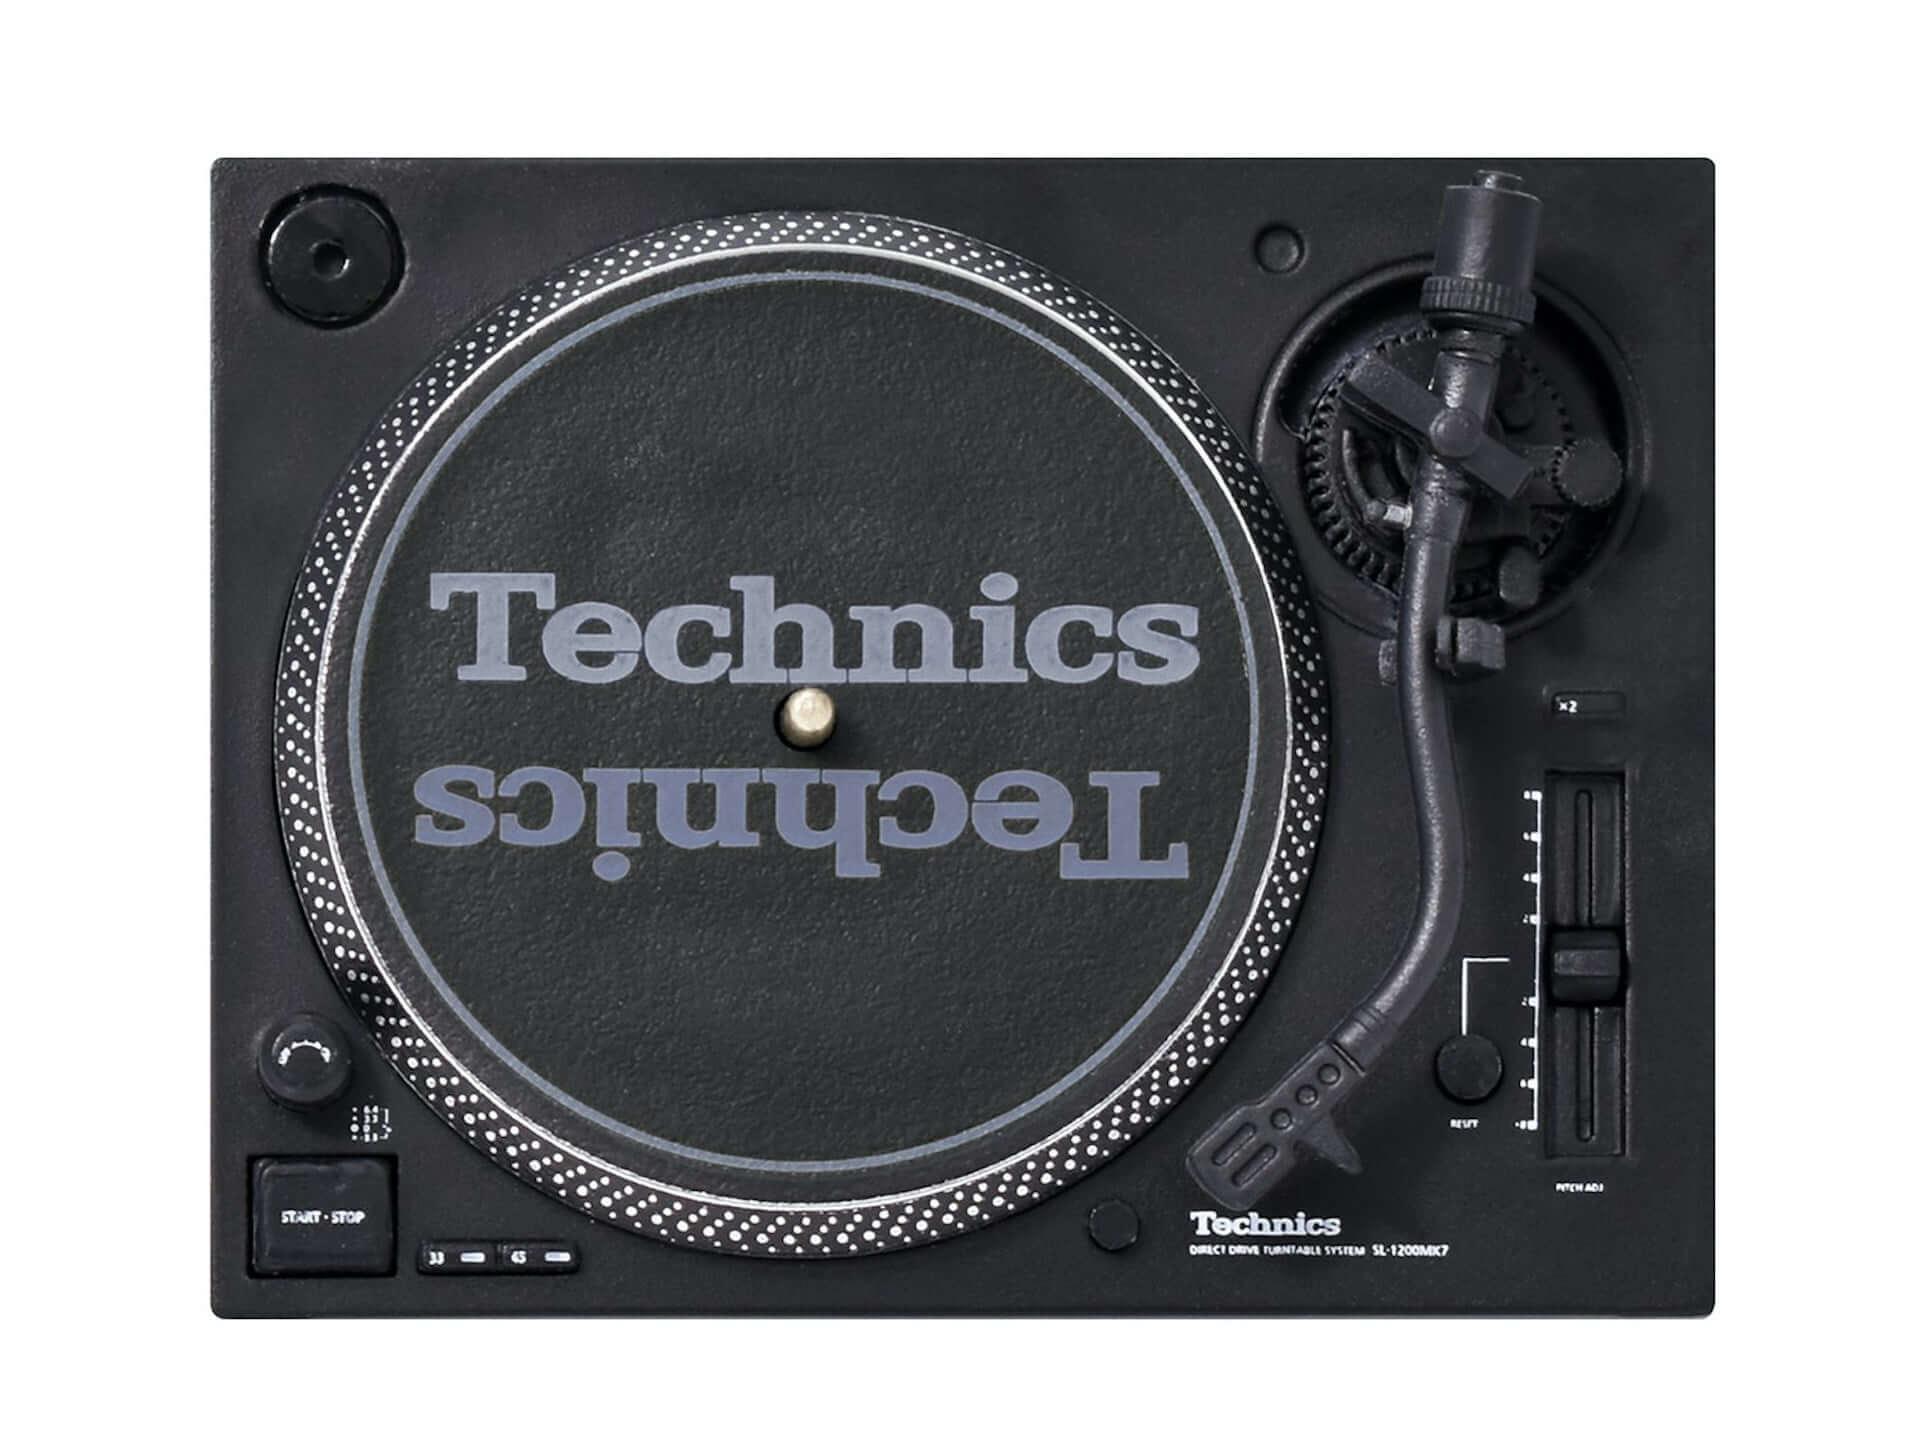 TechnicsのDJ機器『SL-1200MK2』など全5種がミニチュアフィギュア化!ケンエレファントより発売決定 tech201009_technics_4-1920x1441